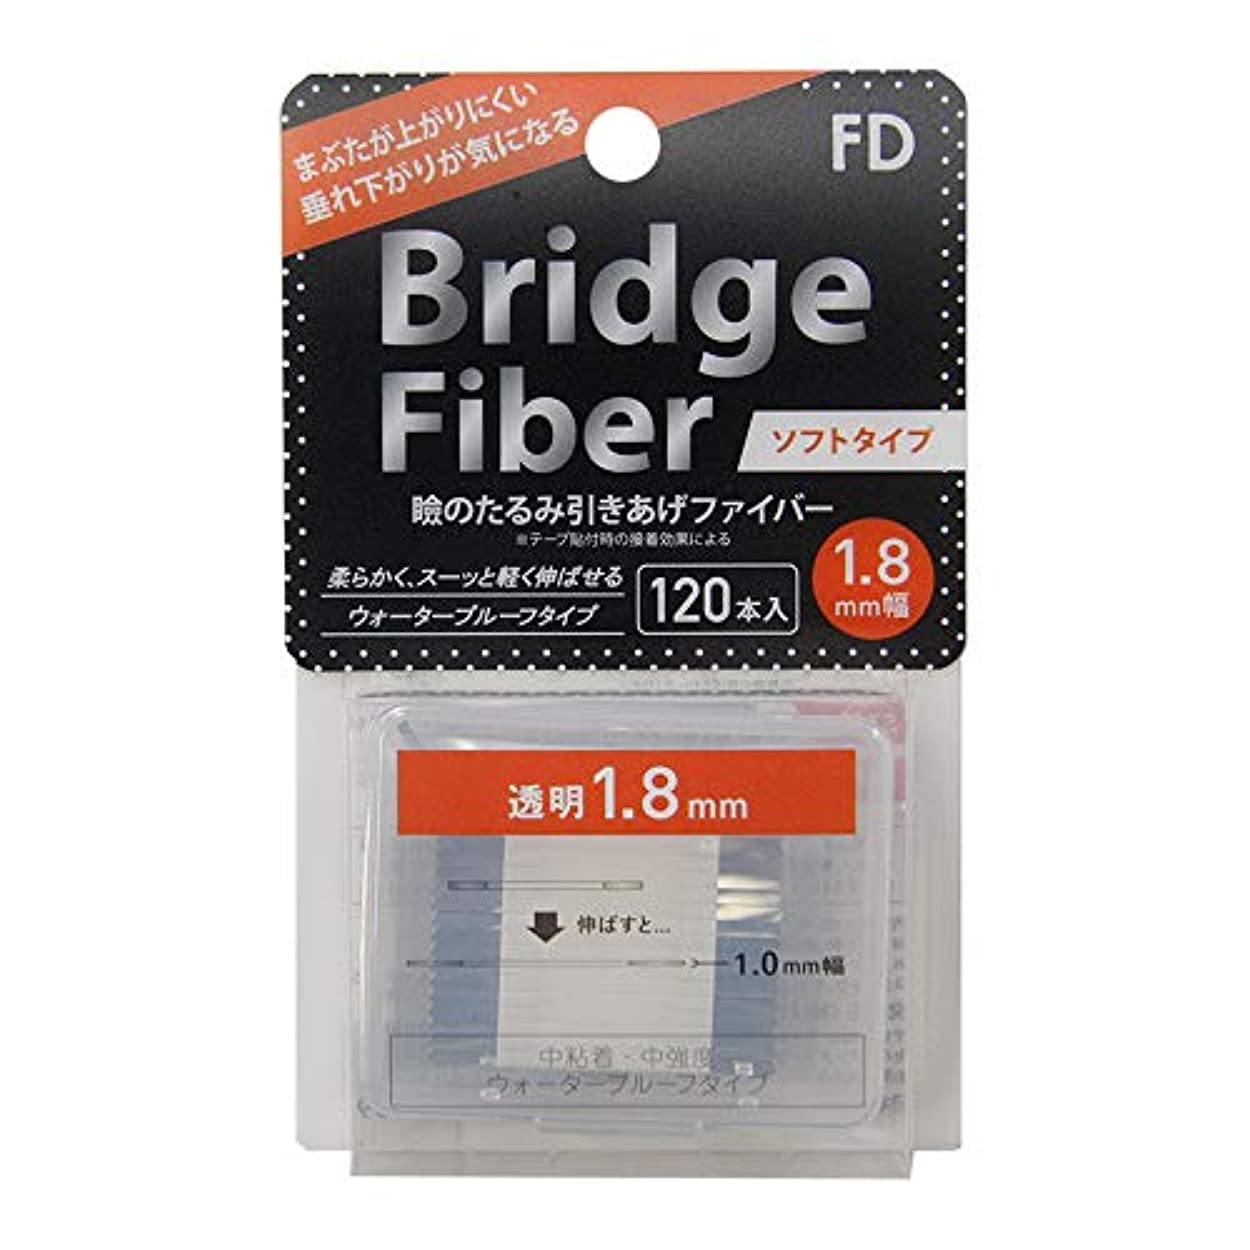 後長老モンスターFD ブリッジソフトファイバー 眼瞼下垂防止テープ ソフトタイプ 透明1.8mm幅 120本入り